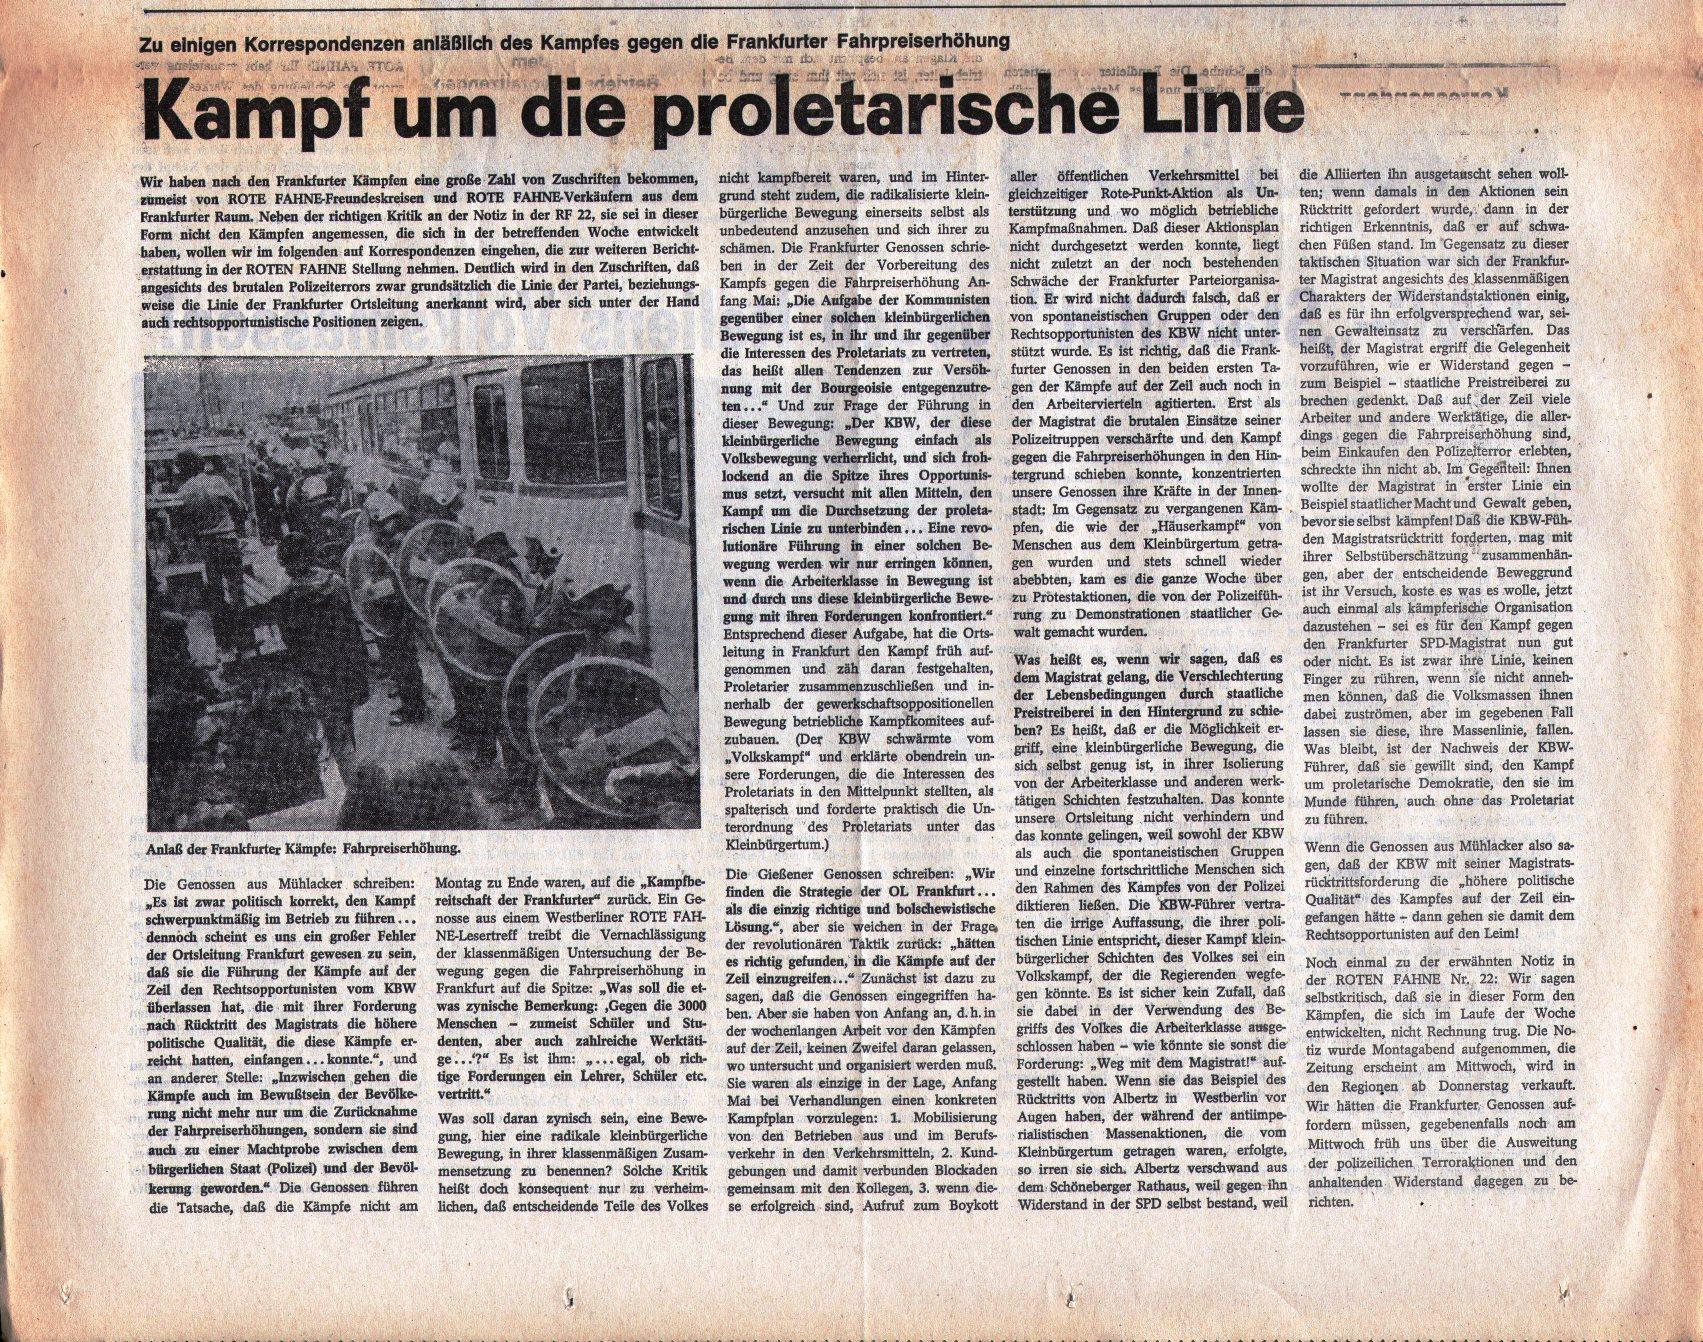 KPD_Rote_Fahne_1974_25_08